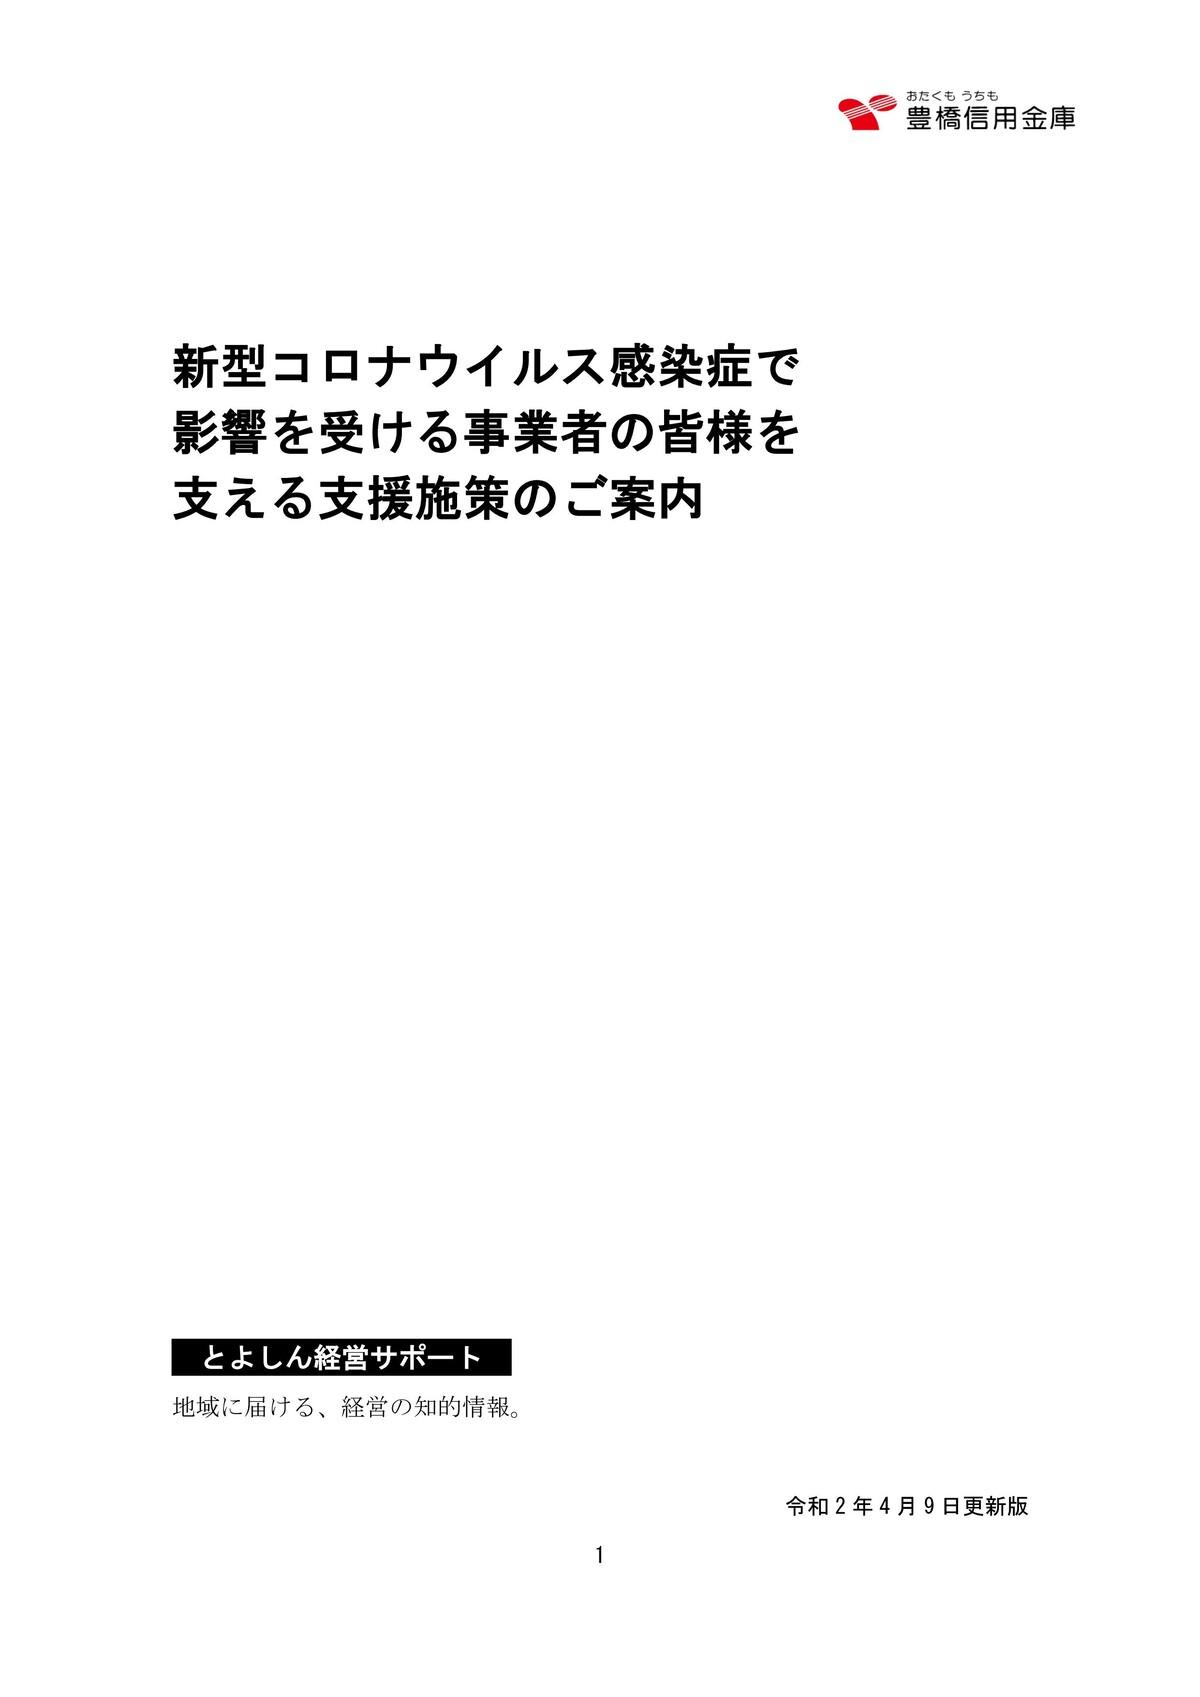 200417_shien200409_01